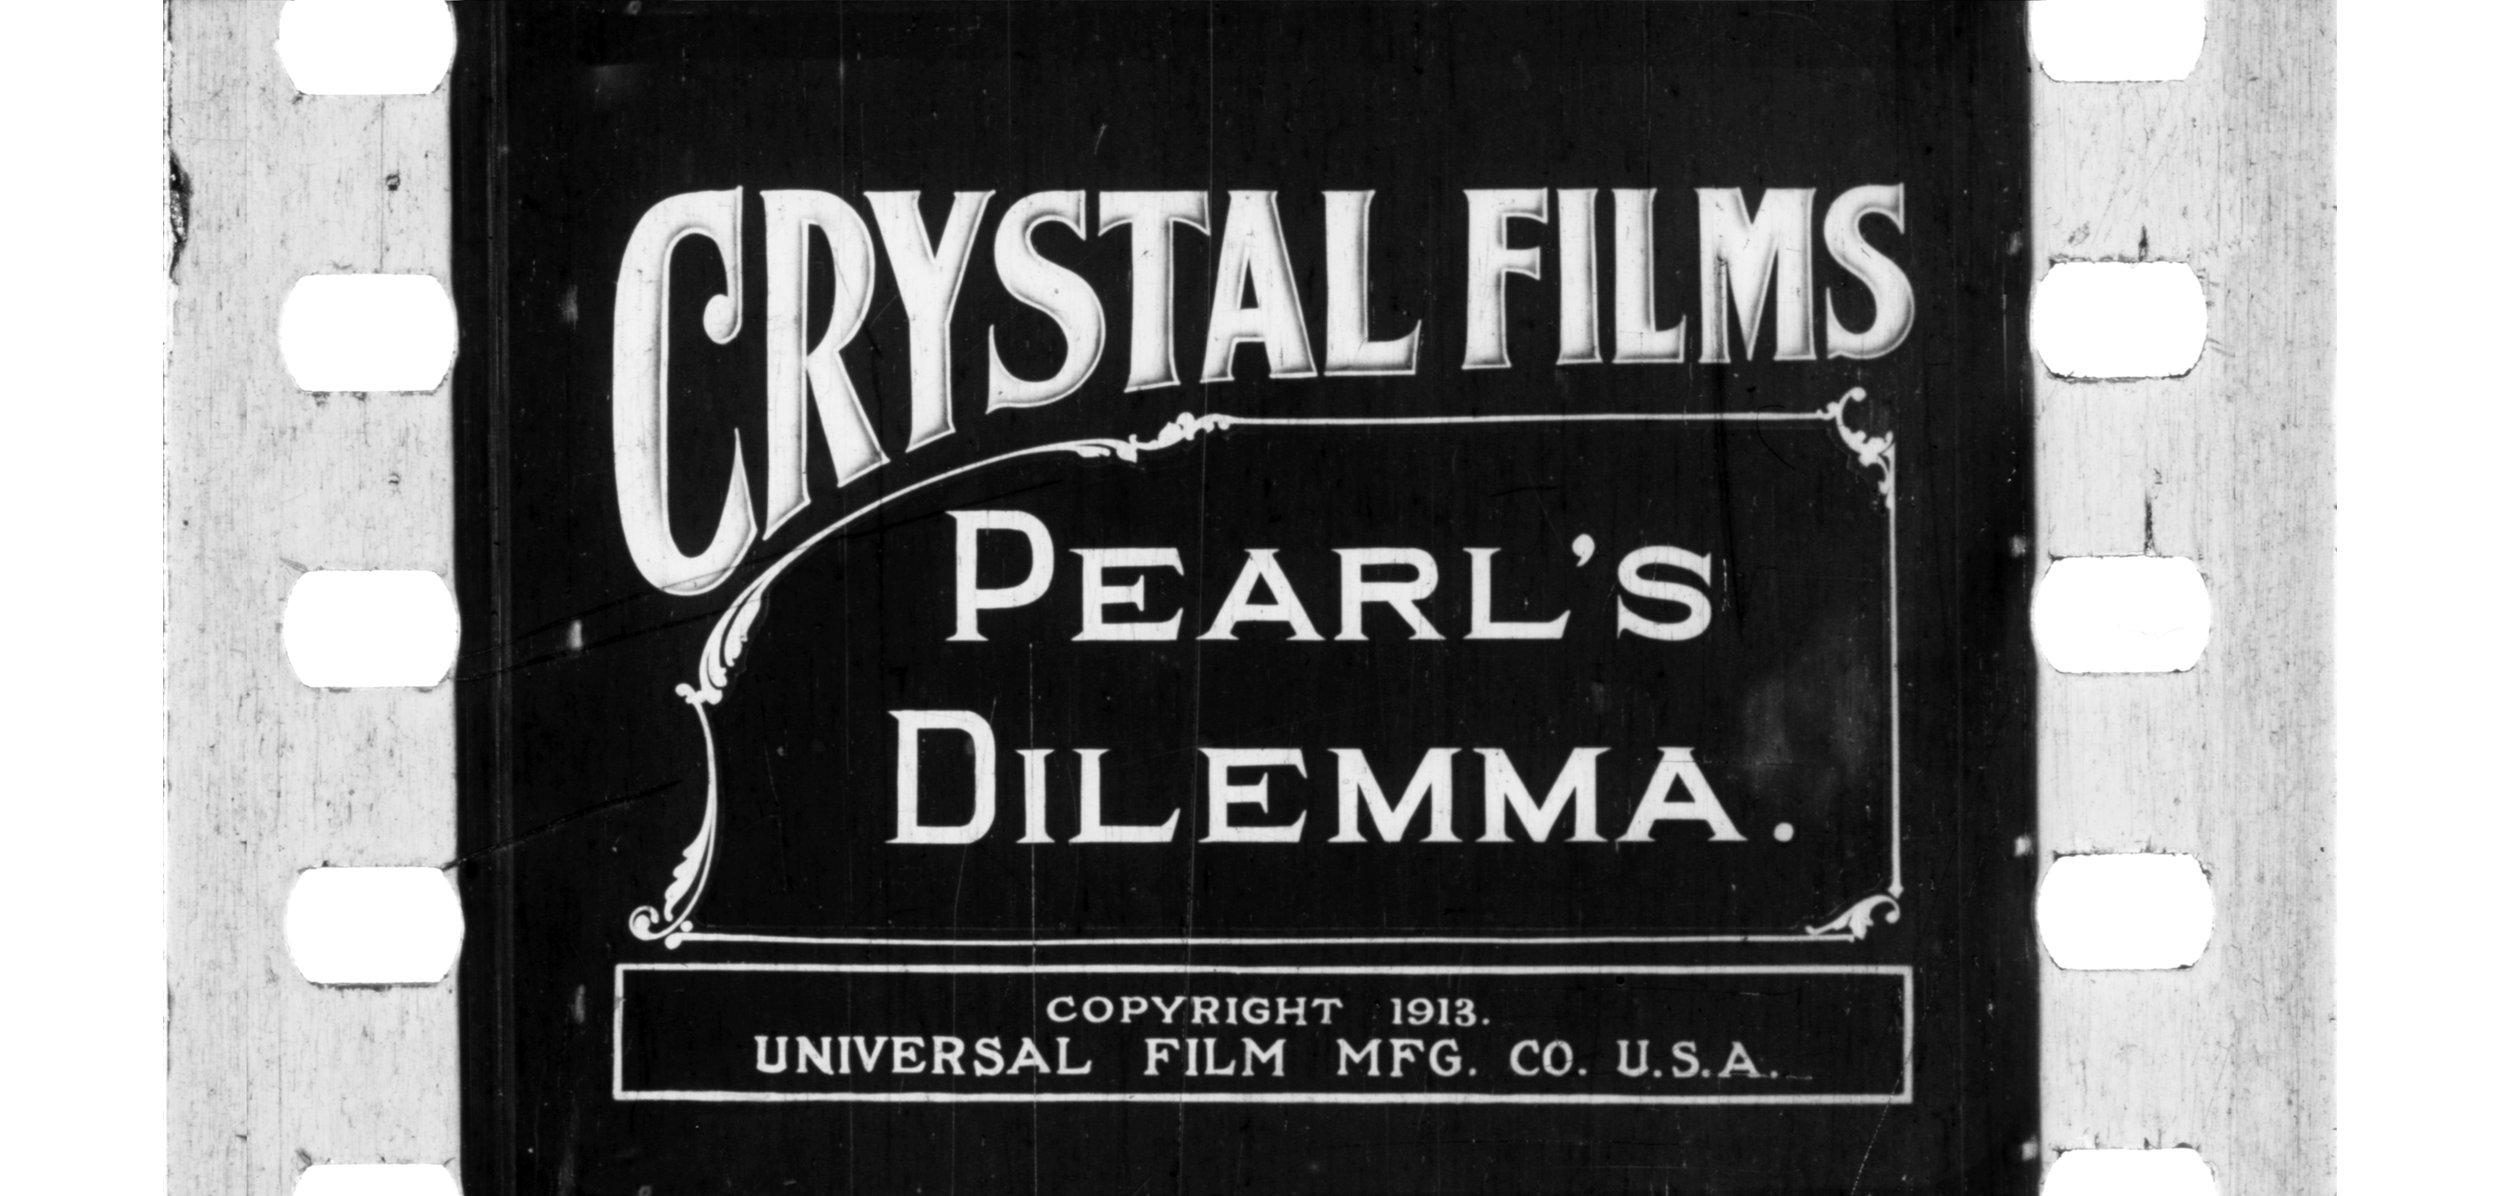 pearls dilemma 1913 a.jpg